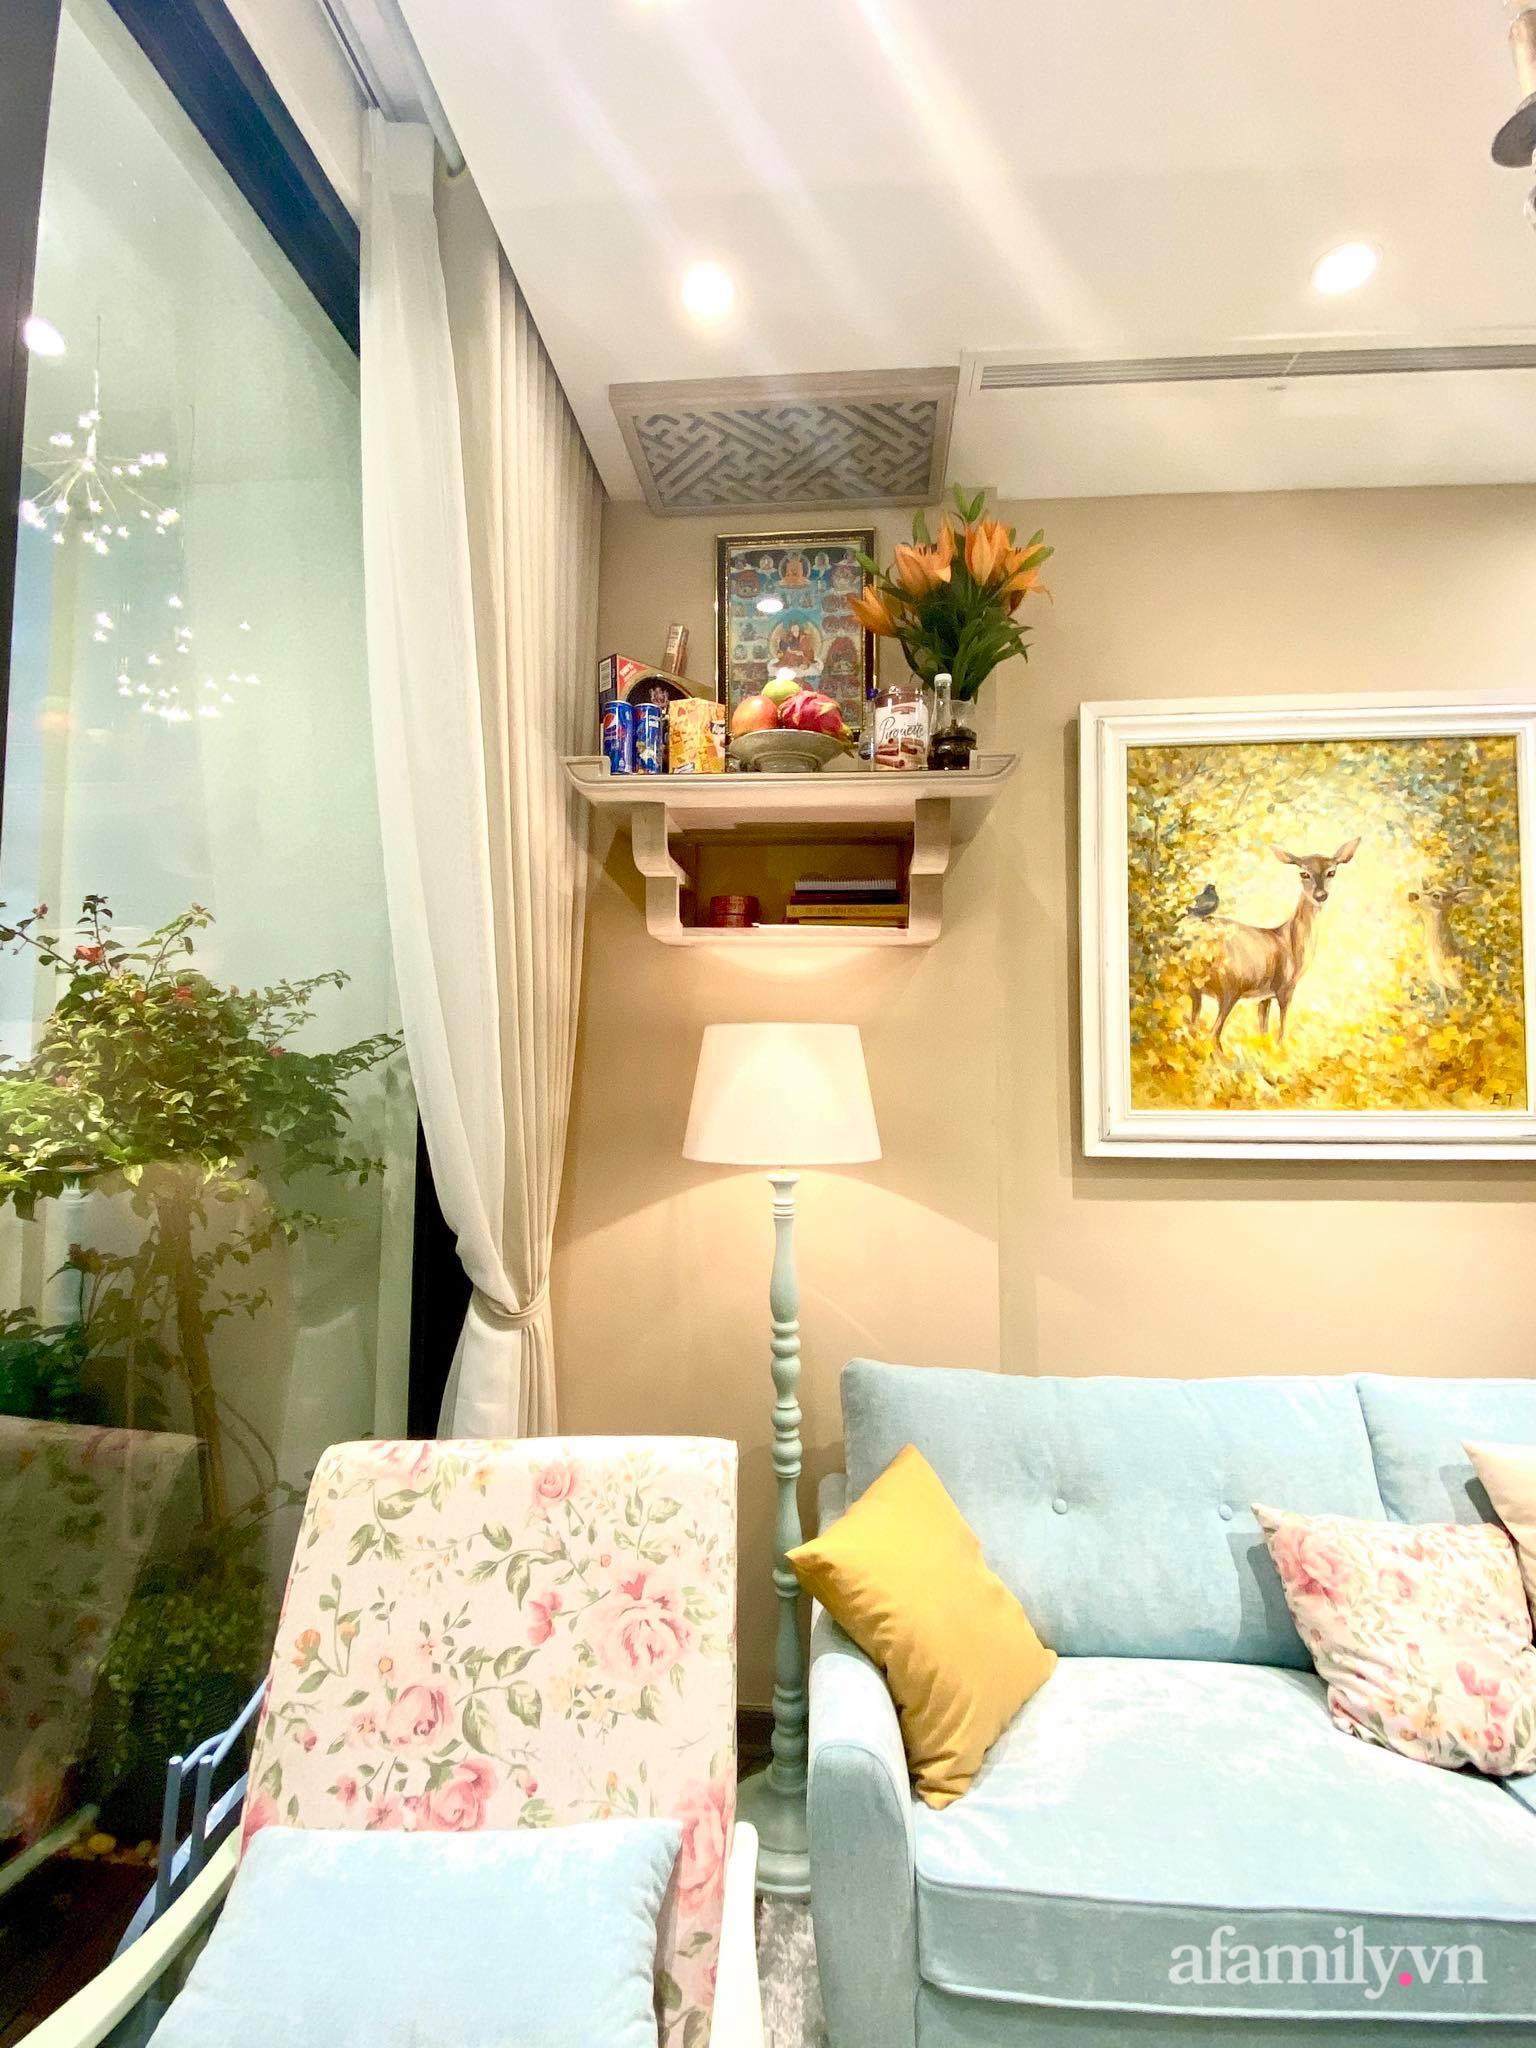 """Căn hộ siêu dễ thương decor theo phong cách Vintage được chủ nhà hoàn thiện """"vội"""" trong 10 ngày ở Hà Nội - Ảnh 7."""